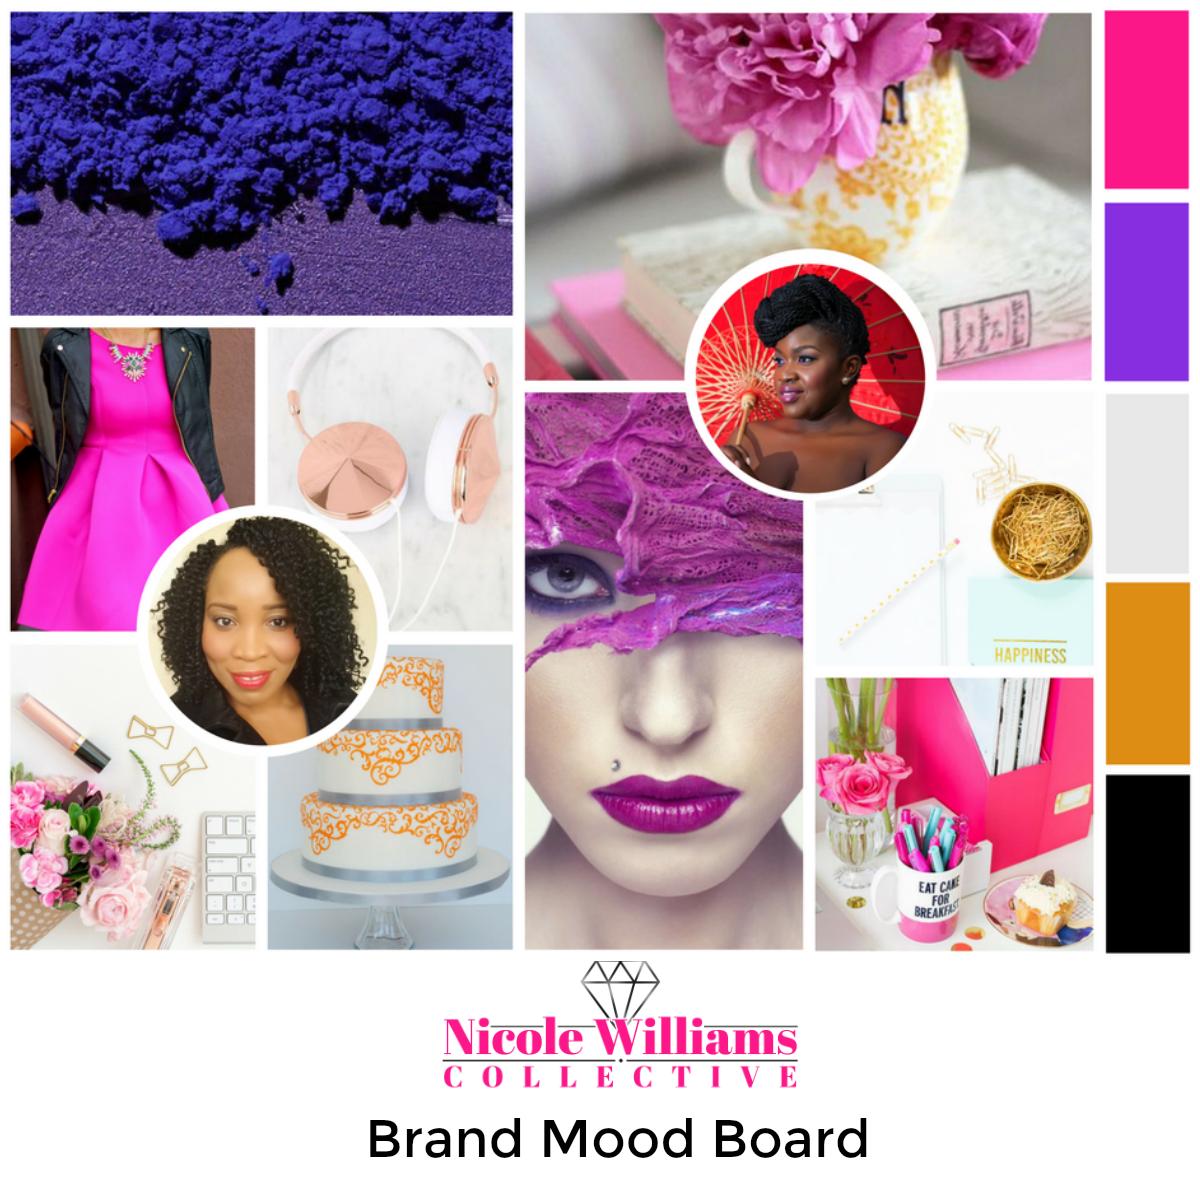 Nicole Williams Collective Brand mood board